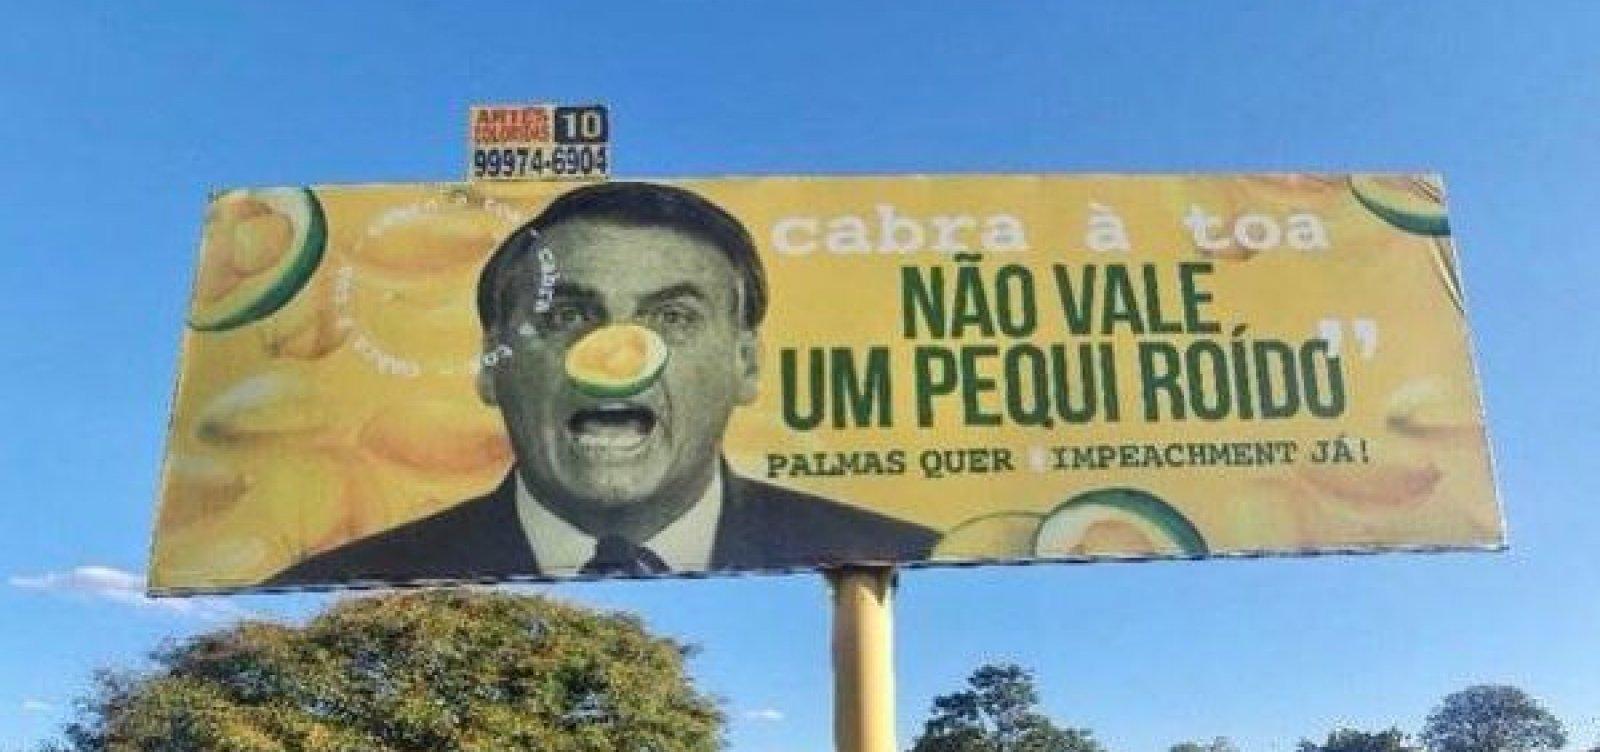 [Ministro da Justiça acionou PF contra sociólogo que comparou Bolsonaro a 'pequi roído']